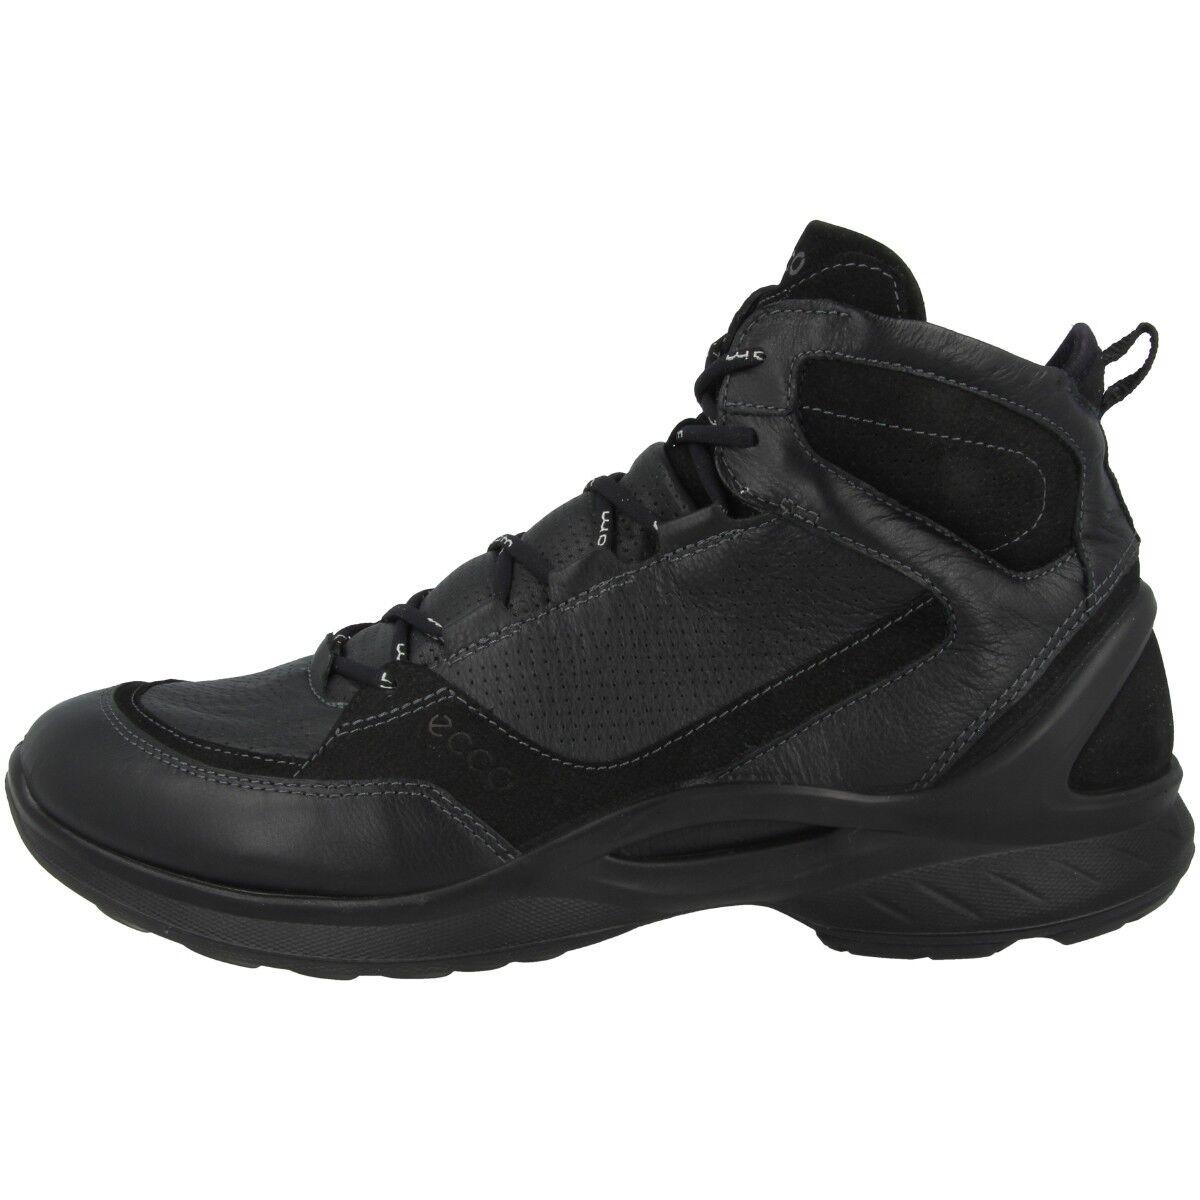 Ecco biom fjuel Joule mid zapatos Men señores mid cut cortos botas 837584-01001